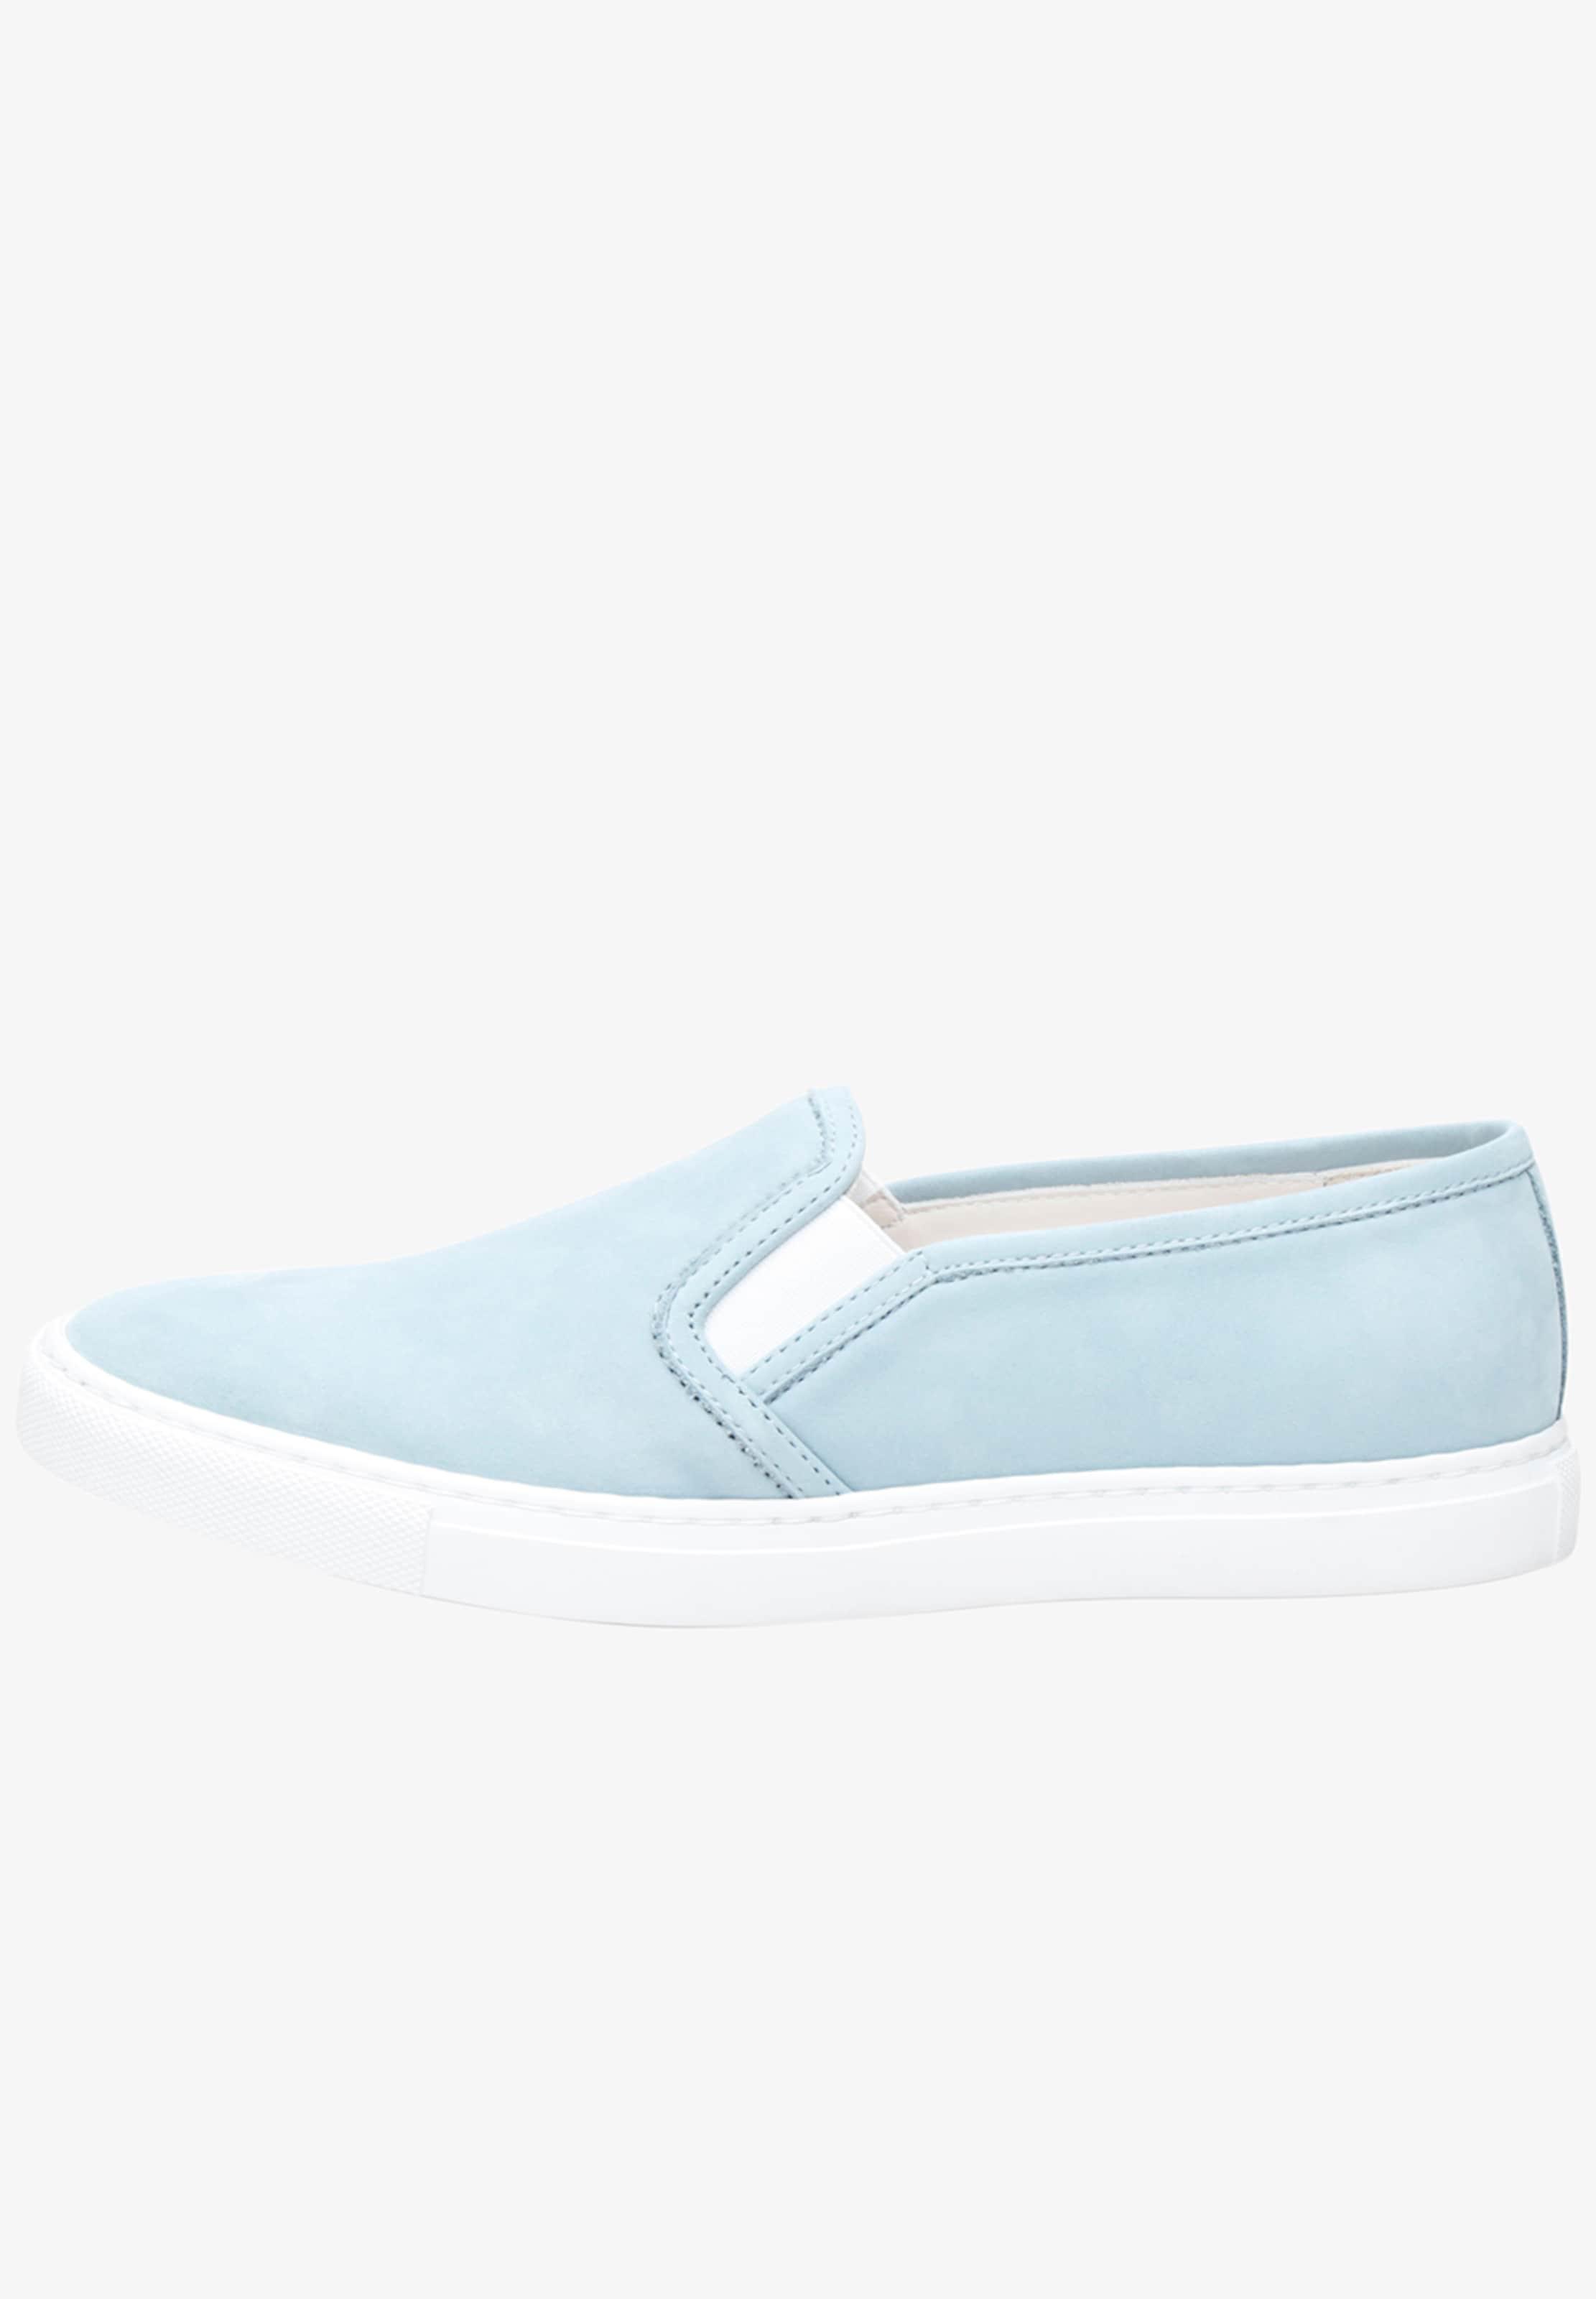 SHOEPASSION Sneaker 'No. 22 WS' Rabatte Mit Kreditkarte 2018 Rabatt Billig Erschwinglich Bestseller 5ctqxABcao